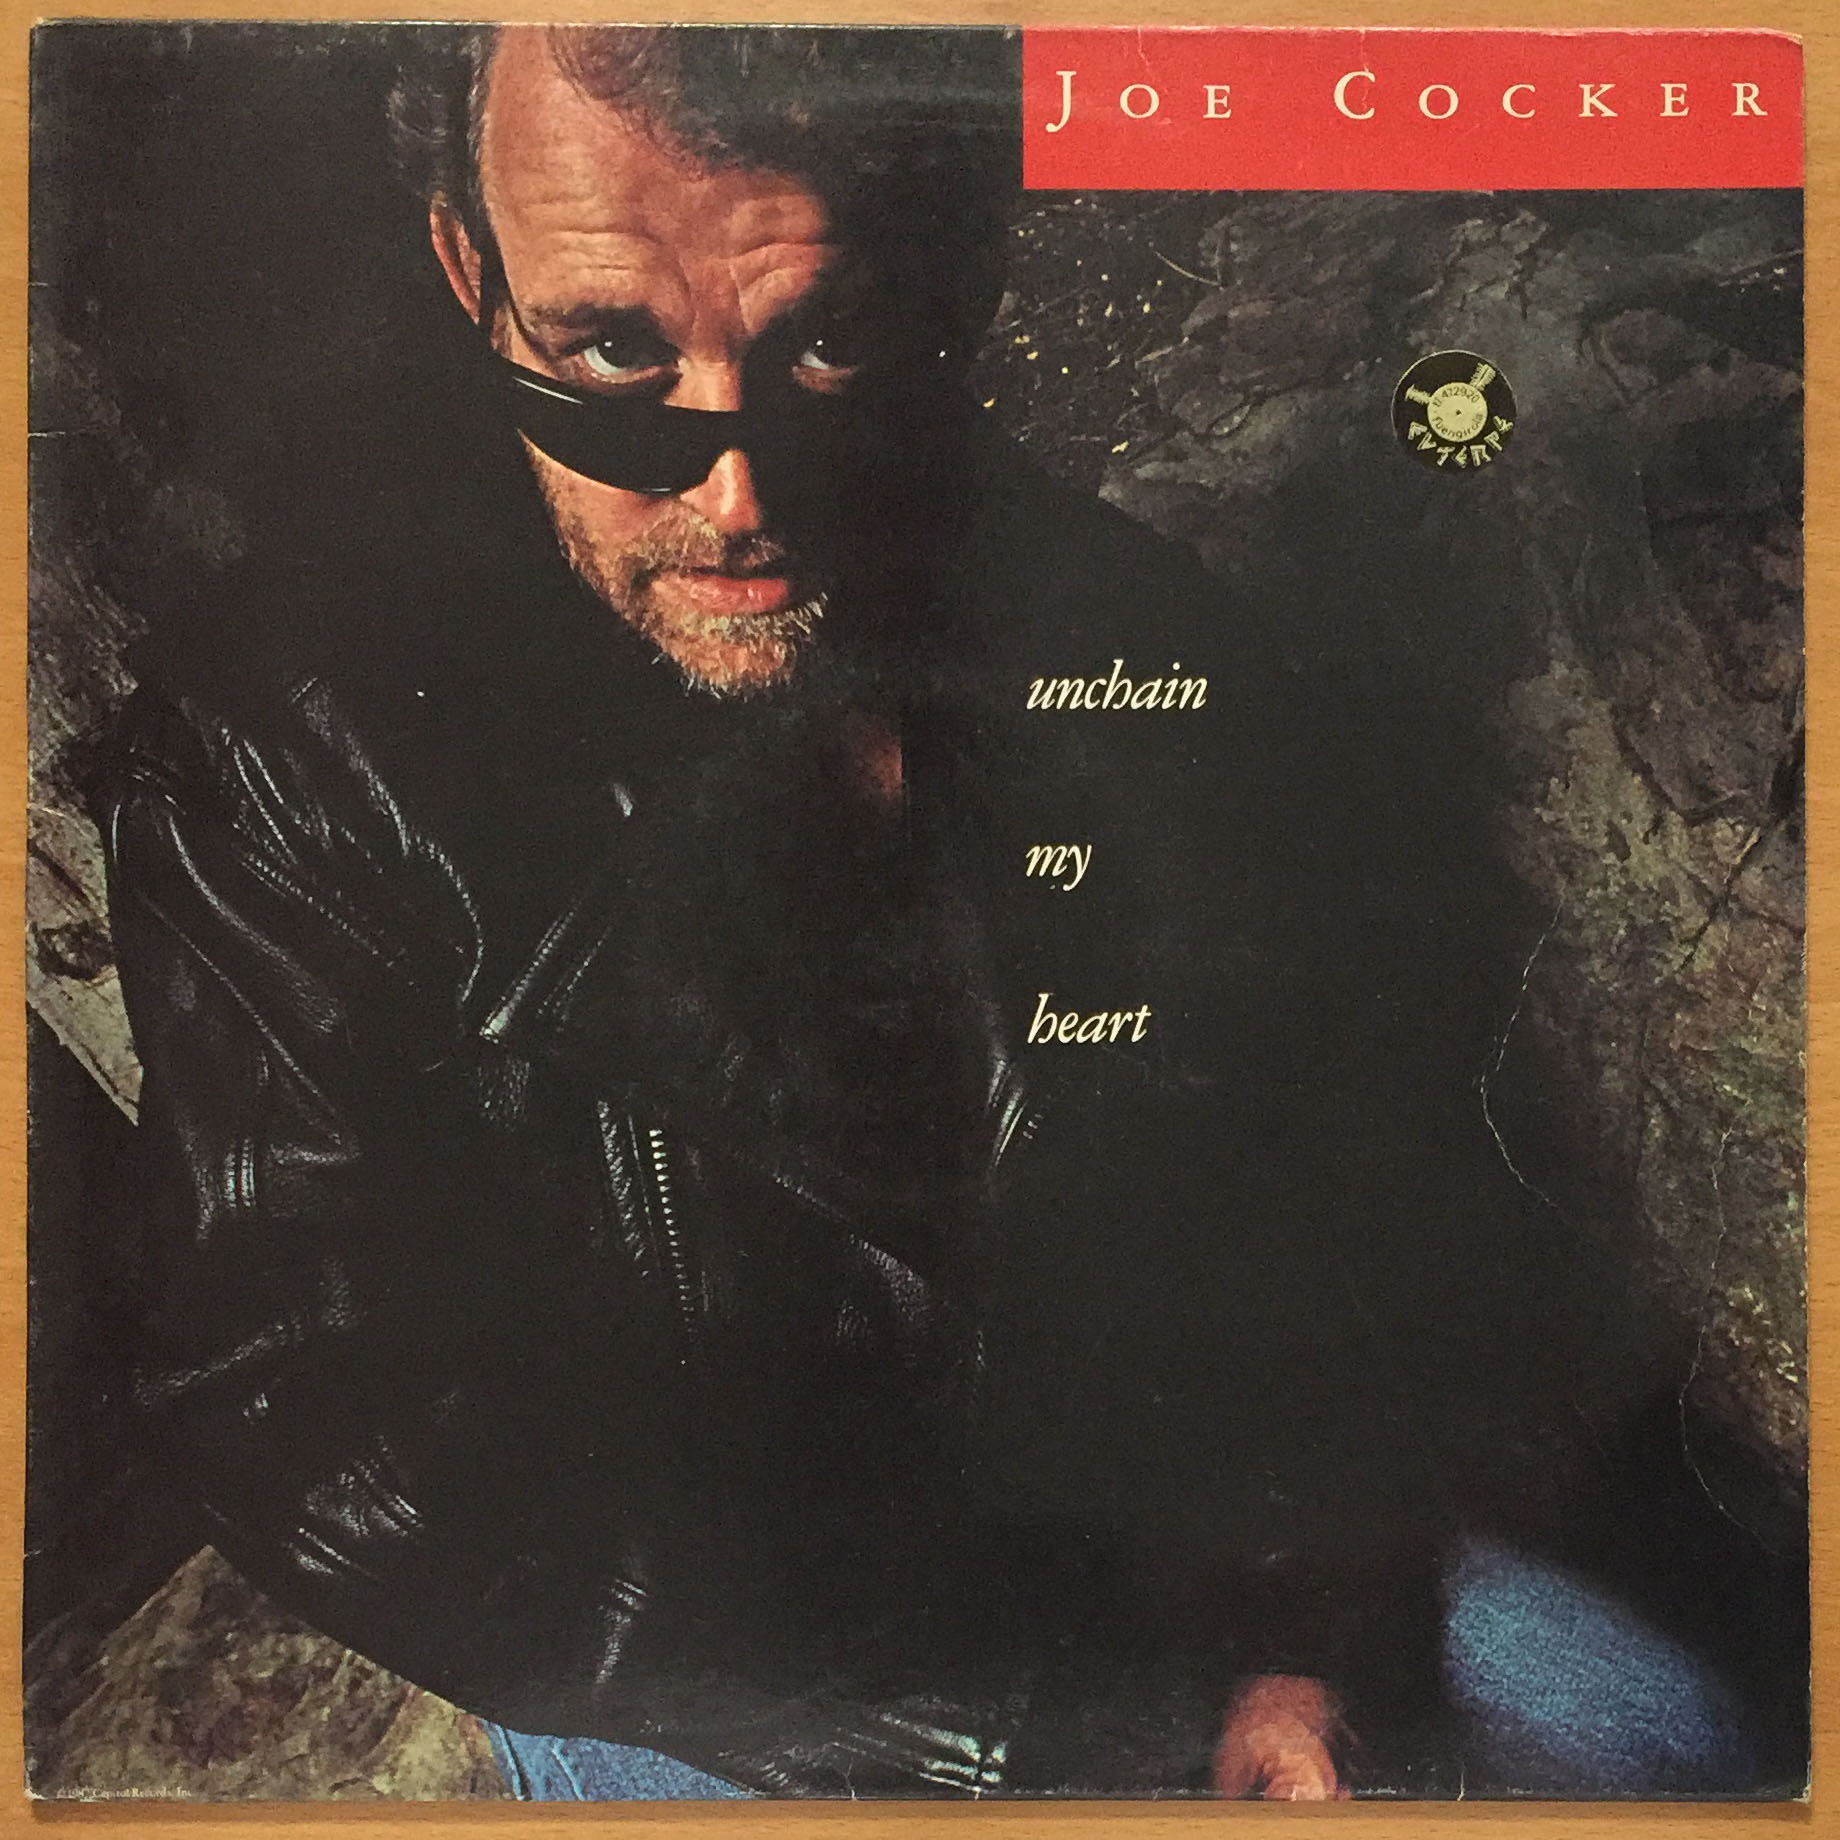 joe cocker unchain my heart